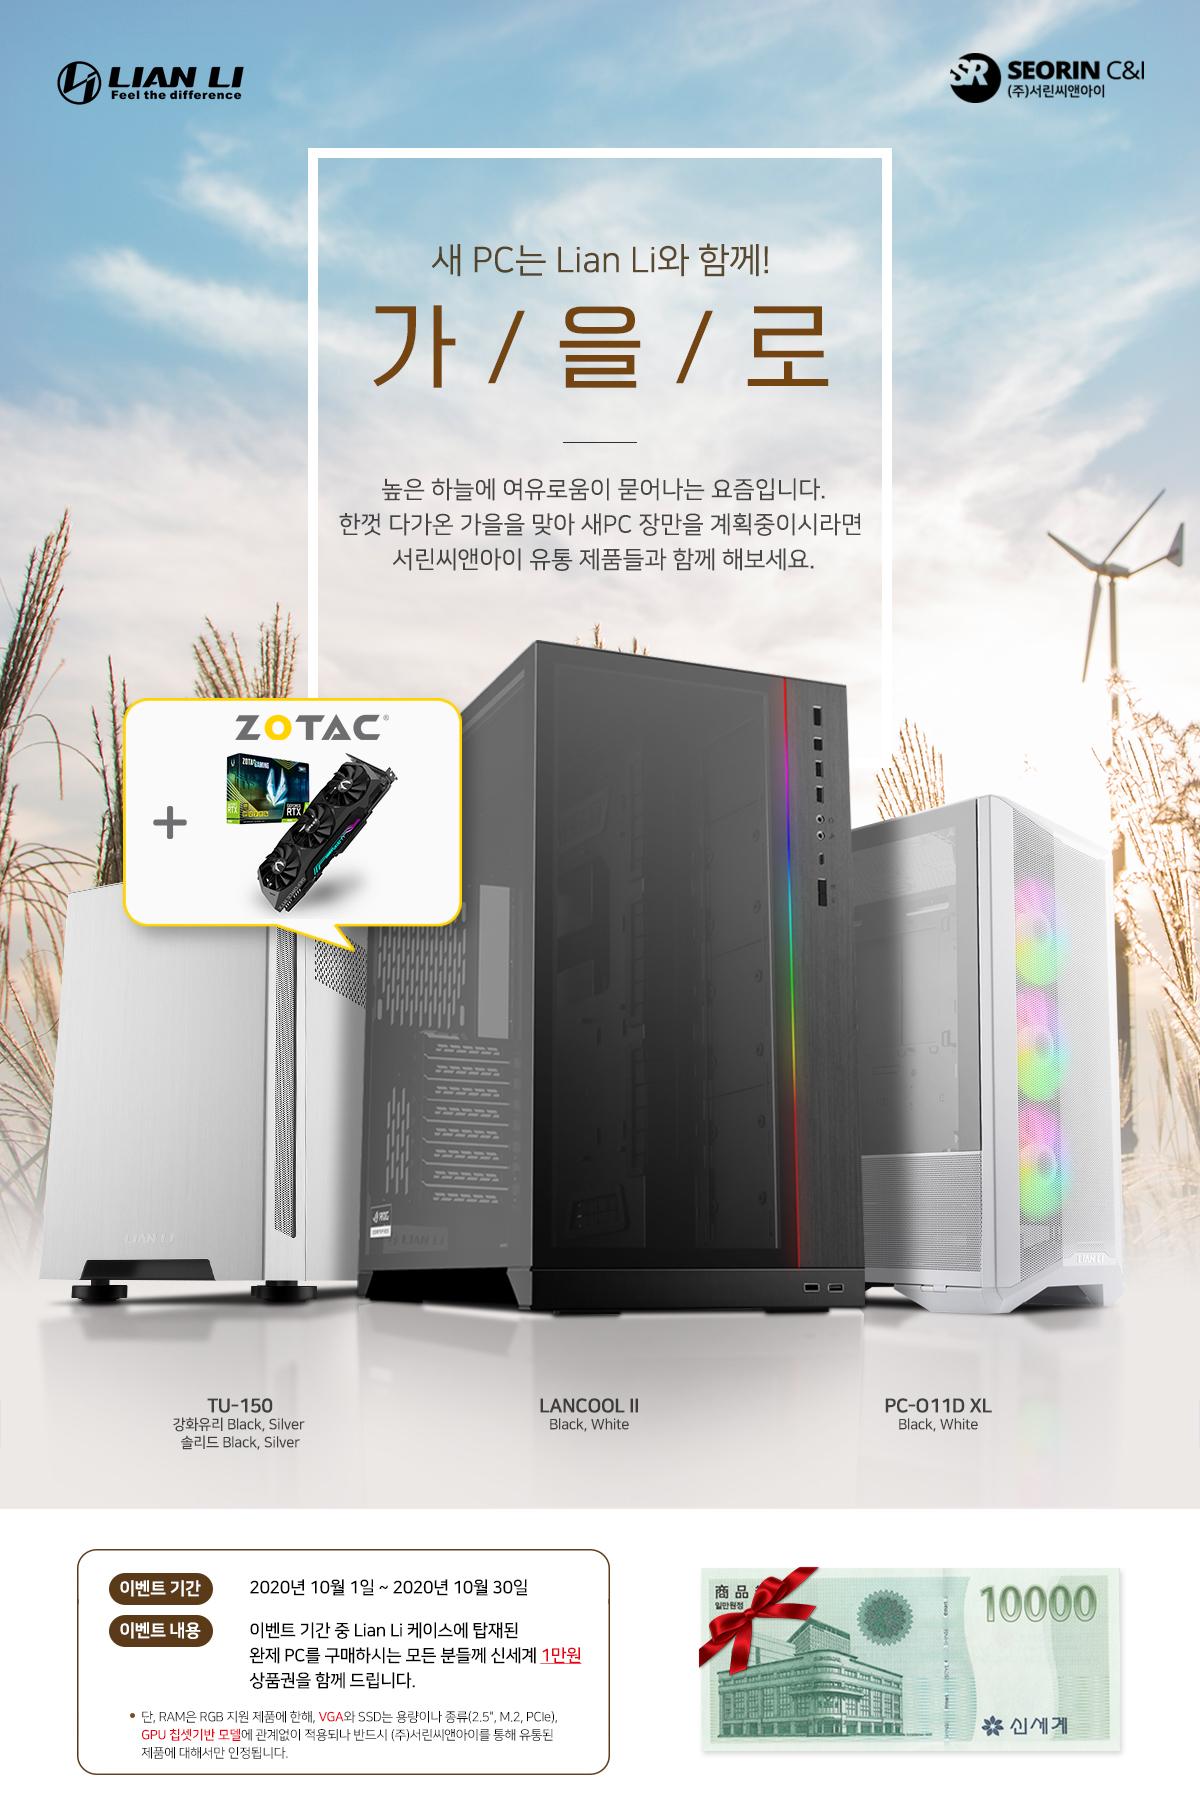 가/을/로 PC케이스라면 역시 서린에서! 리안리 완제PC 구매자 대상 이벤트! (with ZOTAC)